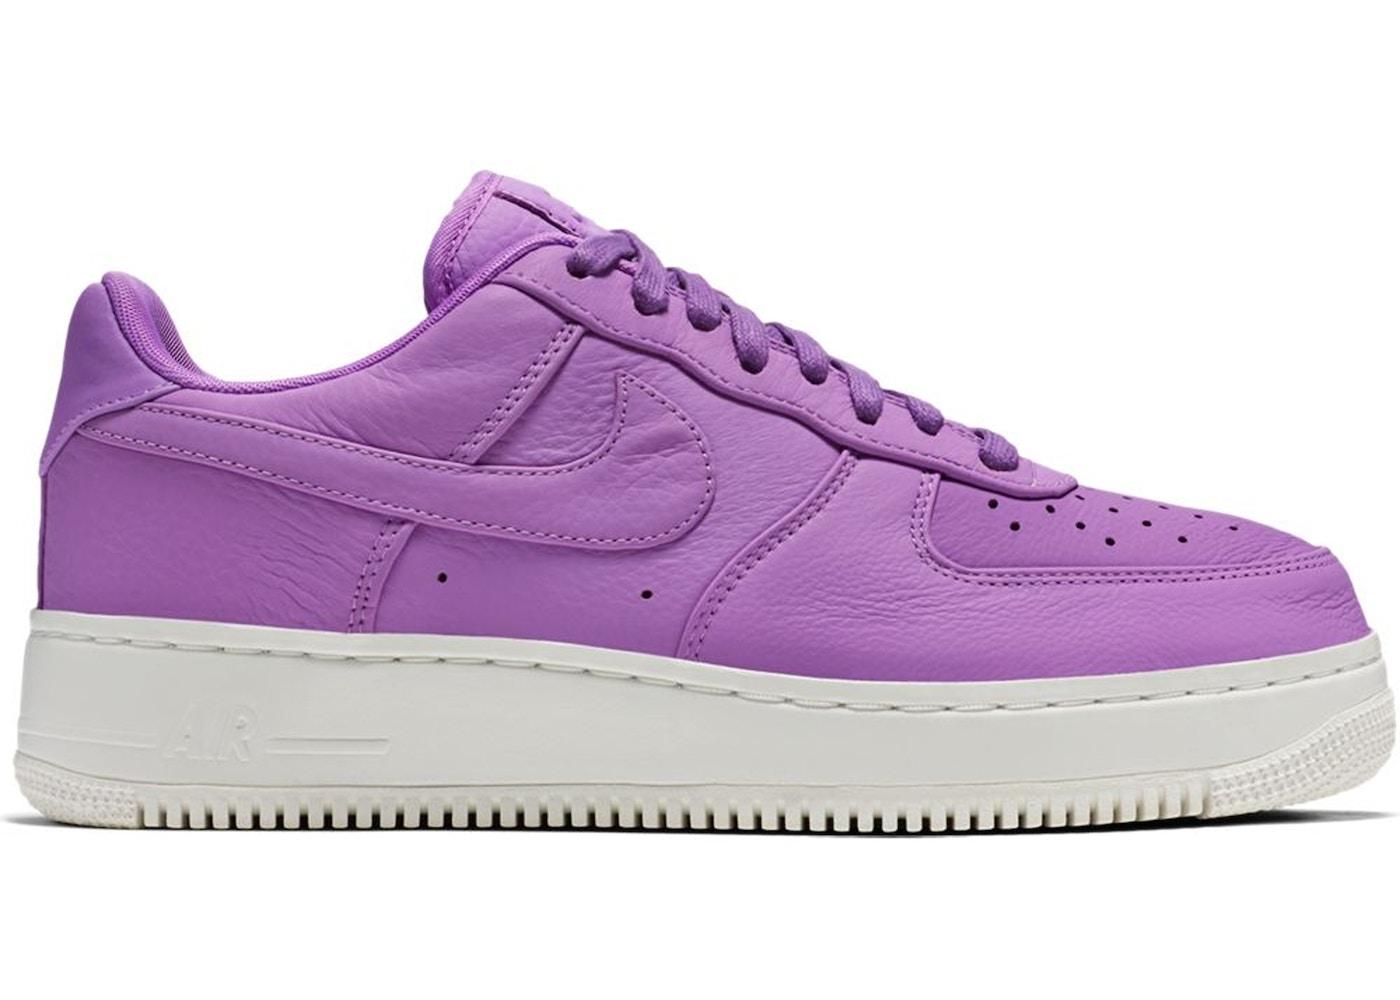 hot sales 7e9bd b672d Air Force 1 Low Purple Stardust - 905618-500